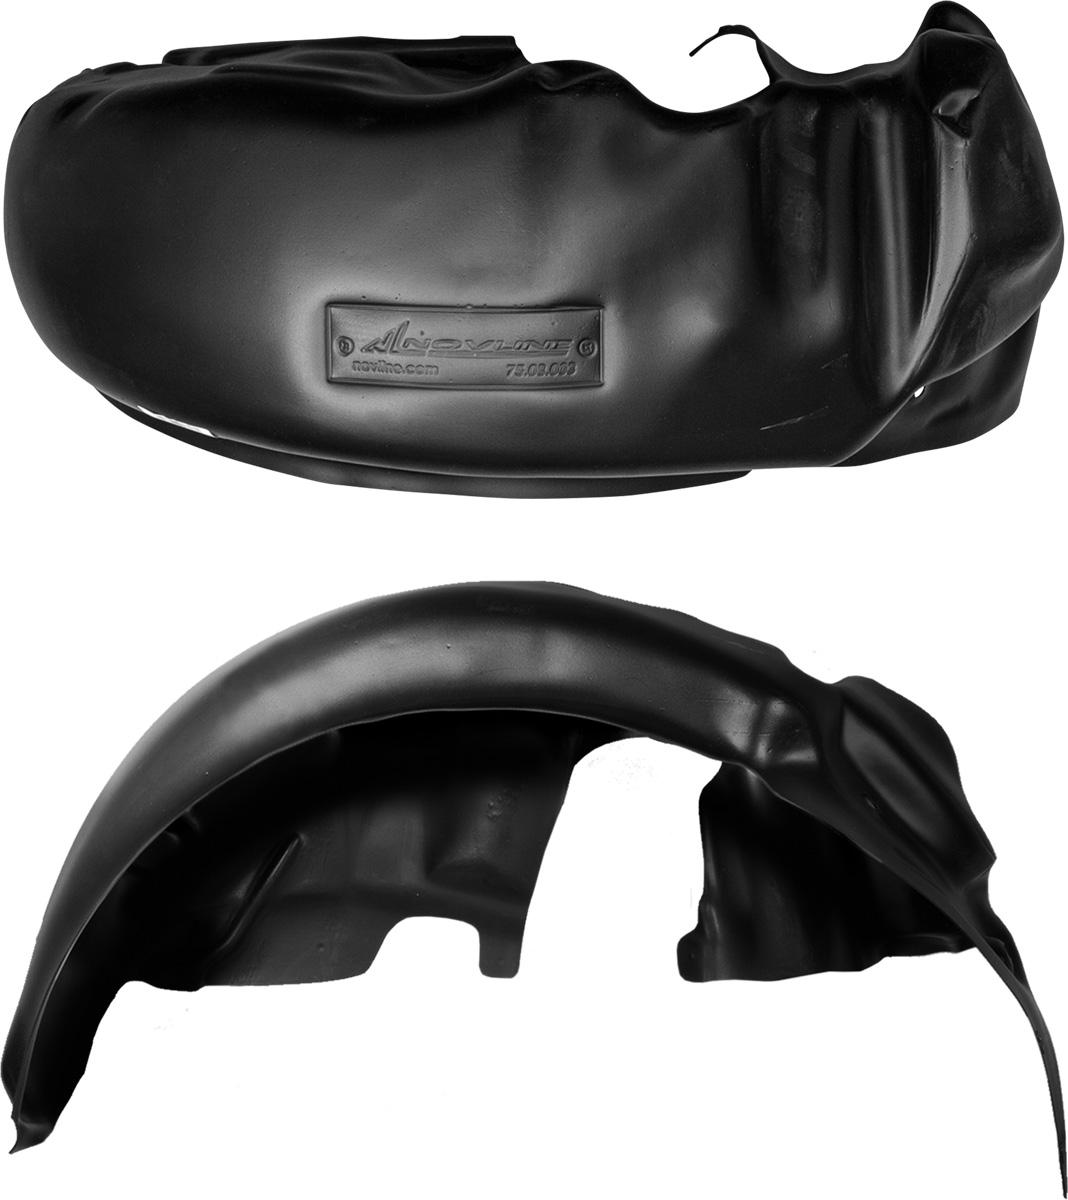 Подкрылок NISSAN Terrano 4x2, 2014->, задний правыйNLL.36.44.004Колесные ниши – одни из самых уязвимых зон днища вашего автомобиля. Они постоянно подвергаются воздействию со стороны дороги. Лучшая, почти абсолютная защита для них - специально отформованные пластиковые кожухи, которые называются подкрылками, или локерами. Производятся они как для отечественных моделей автомобилей, так и для иномарок. Подкрылки выполнены из высококачественного, экологически чистого пластика. Обеспечивают надежную защиту кузова автомобиля от пескоструйного эффекта и негативного влияния, агрессивных антигололедных реагентов. Пластик обладает более низкой теплопроводностью, чем металл, поэтому в зимний период эксплуатации использование пластиковых подкрылков позволяет лучше защитить колесные ниши от налипания снега и образования наледи. Оригинальность конструкции подчеркивает элегантность автомобиля, бережно защищает нанесенное на днище кузова антикоррозийное покрытие и позволяет осуществить крепление подкрылков внутри колесной арки практически без дополнительного крепежа и сверления, не нарушая при этом лакокрасочного покрытия, что предотвращает возникновение новых очагов коррозии. Технология крепления подкрылков на иномарки принципиально отличается от крепления на российские автомобили и разрабатывается индивидуально для каждой модели автомобиля. Подкрылки долговечны, обладают высокой прочностью и сохраняют заданную форму, а также все свои физико-механические характеристики в самых тяжелых климатических условиях ( от -50° С до + 50° С).